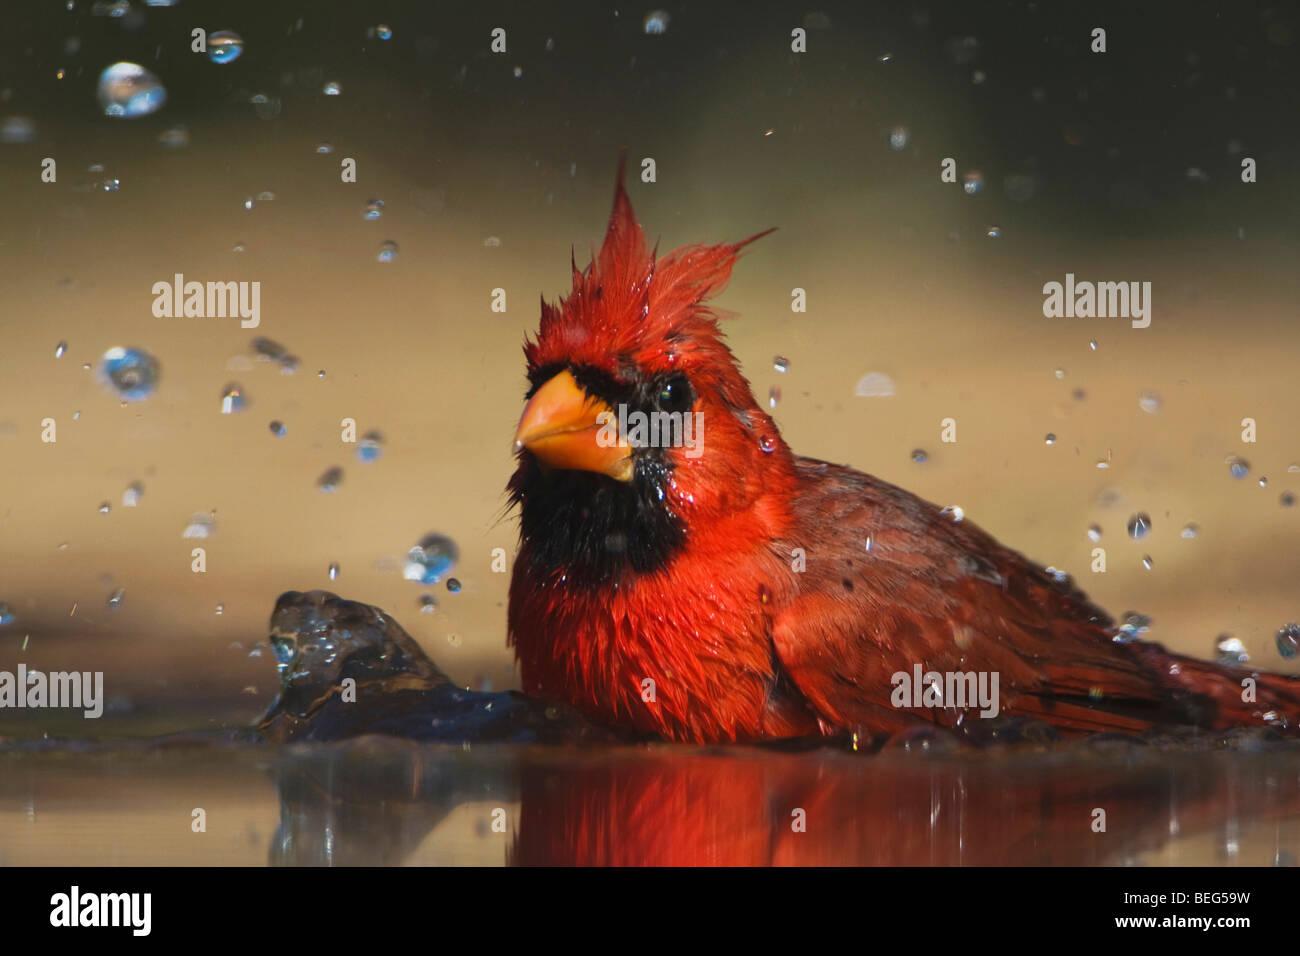 Il Cardinale settentrionale (Cardinalis cardinalis),di balneazione maschio, Rio Grande Valley, Texas, Stati Uniti Immagini Stock